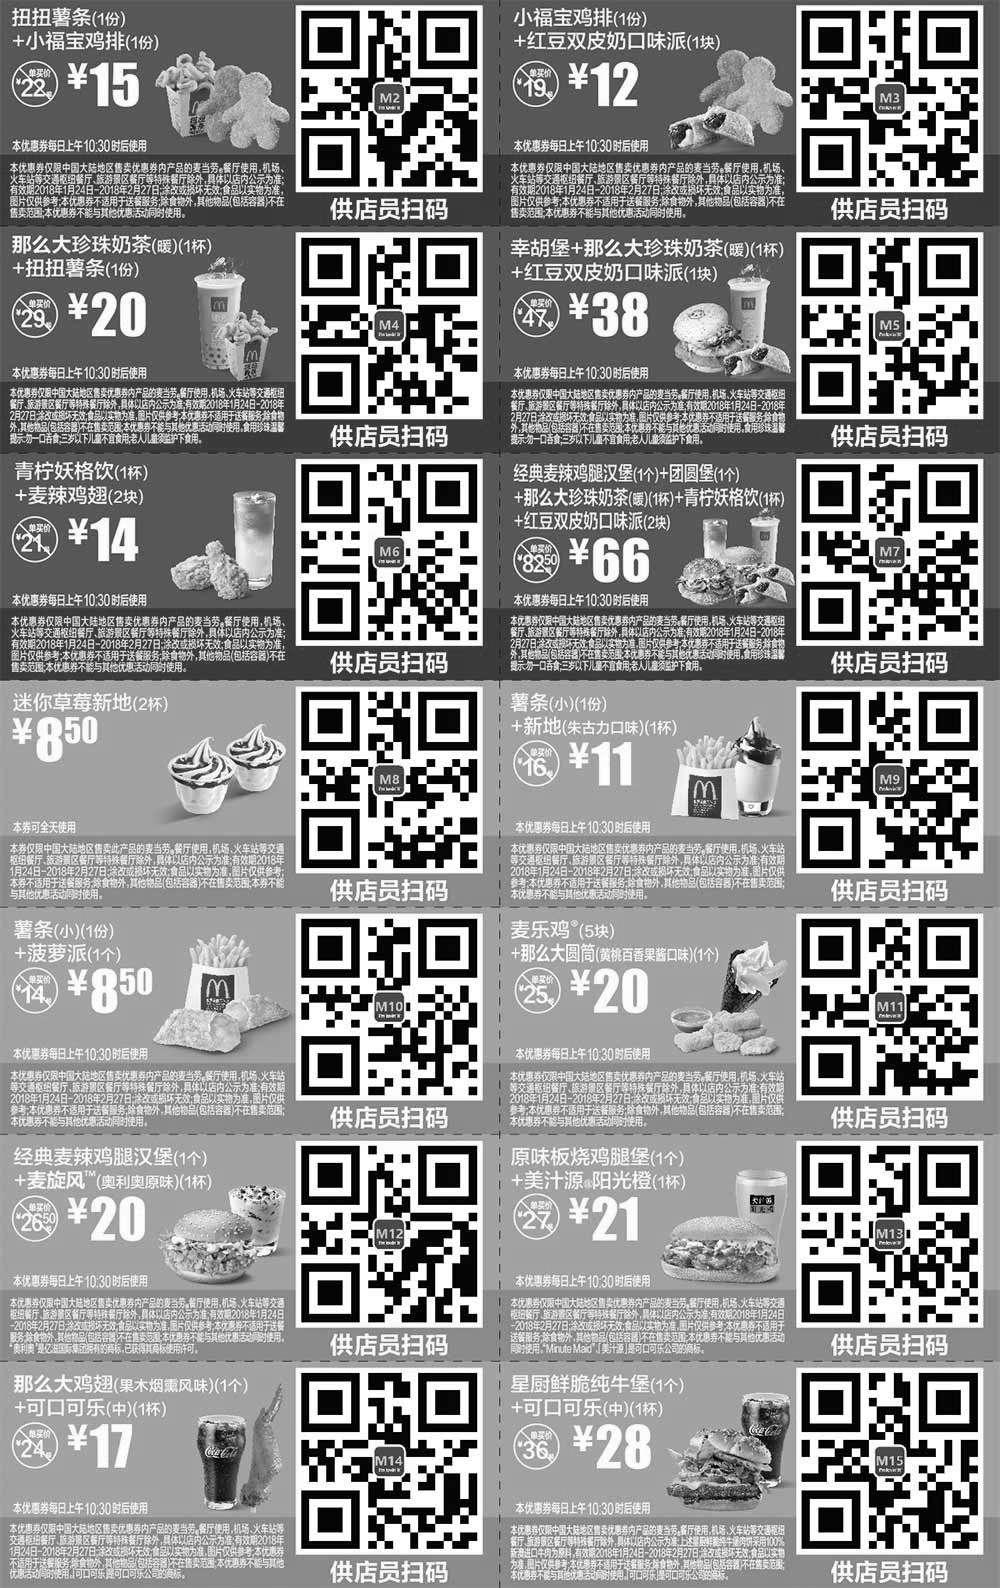 黑白优惠券图片:麦当劳2018年1月2月份优惠券手版整张版本,点餐出示给店员扫码享优惠价 - www.5ikfc.com